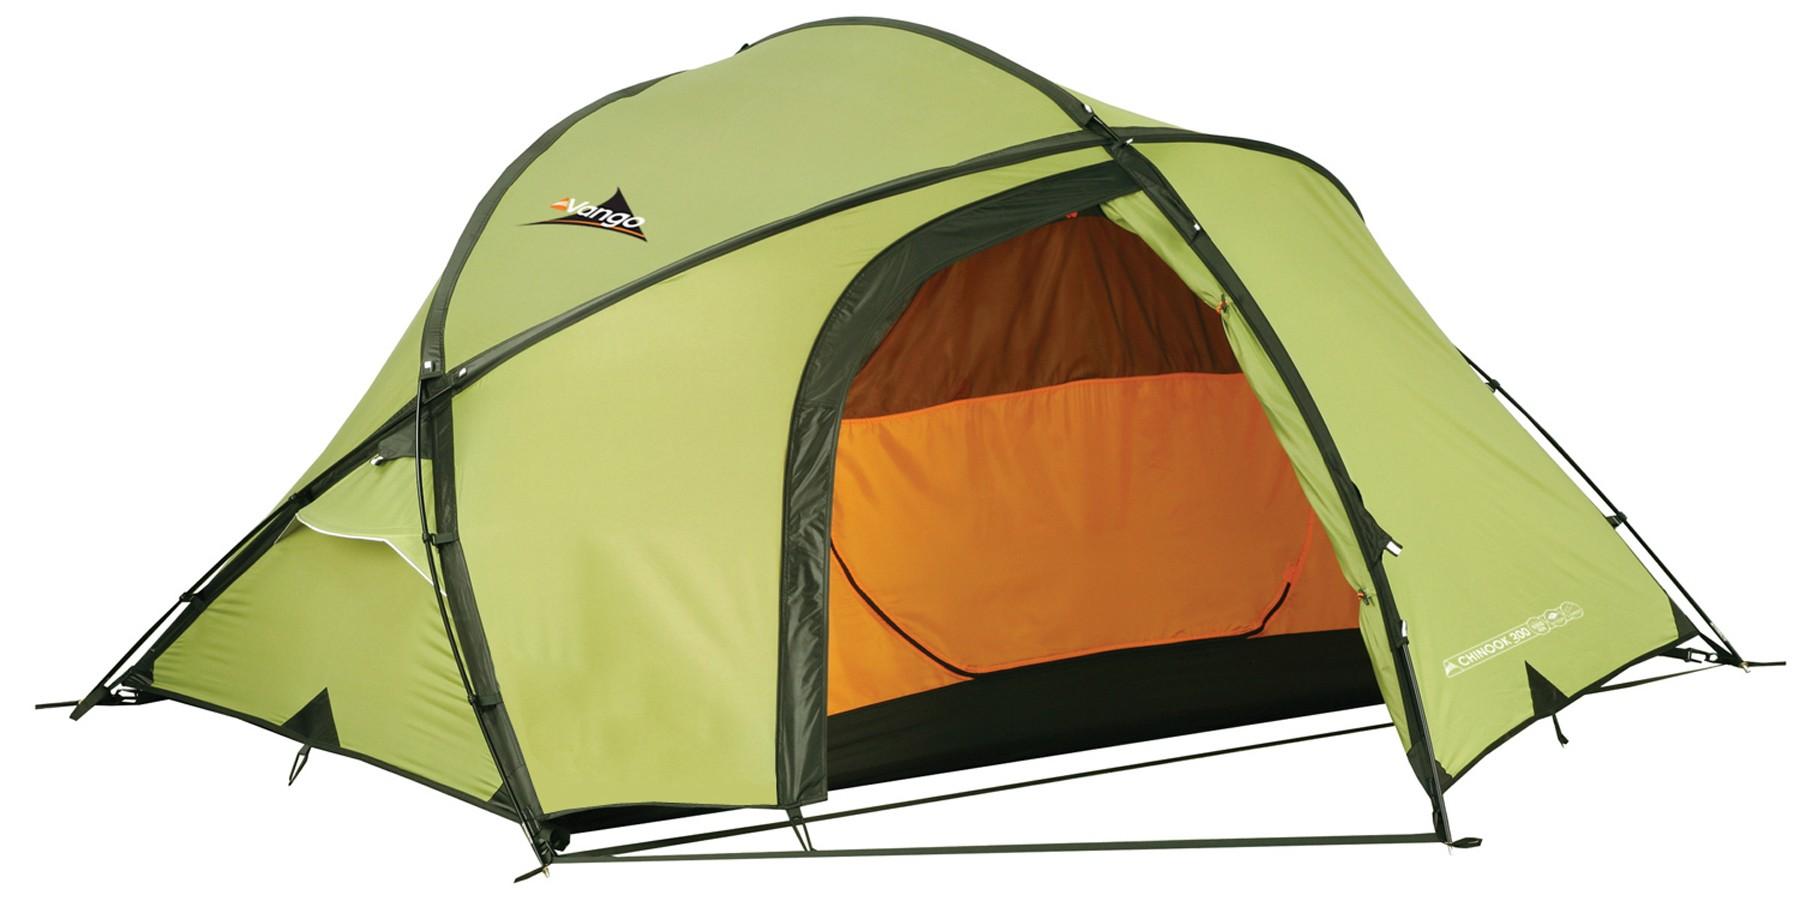 sc 1 st  Outdoor Megastore & Vango Chinook 300 Tent